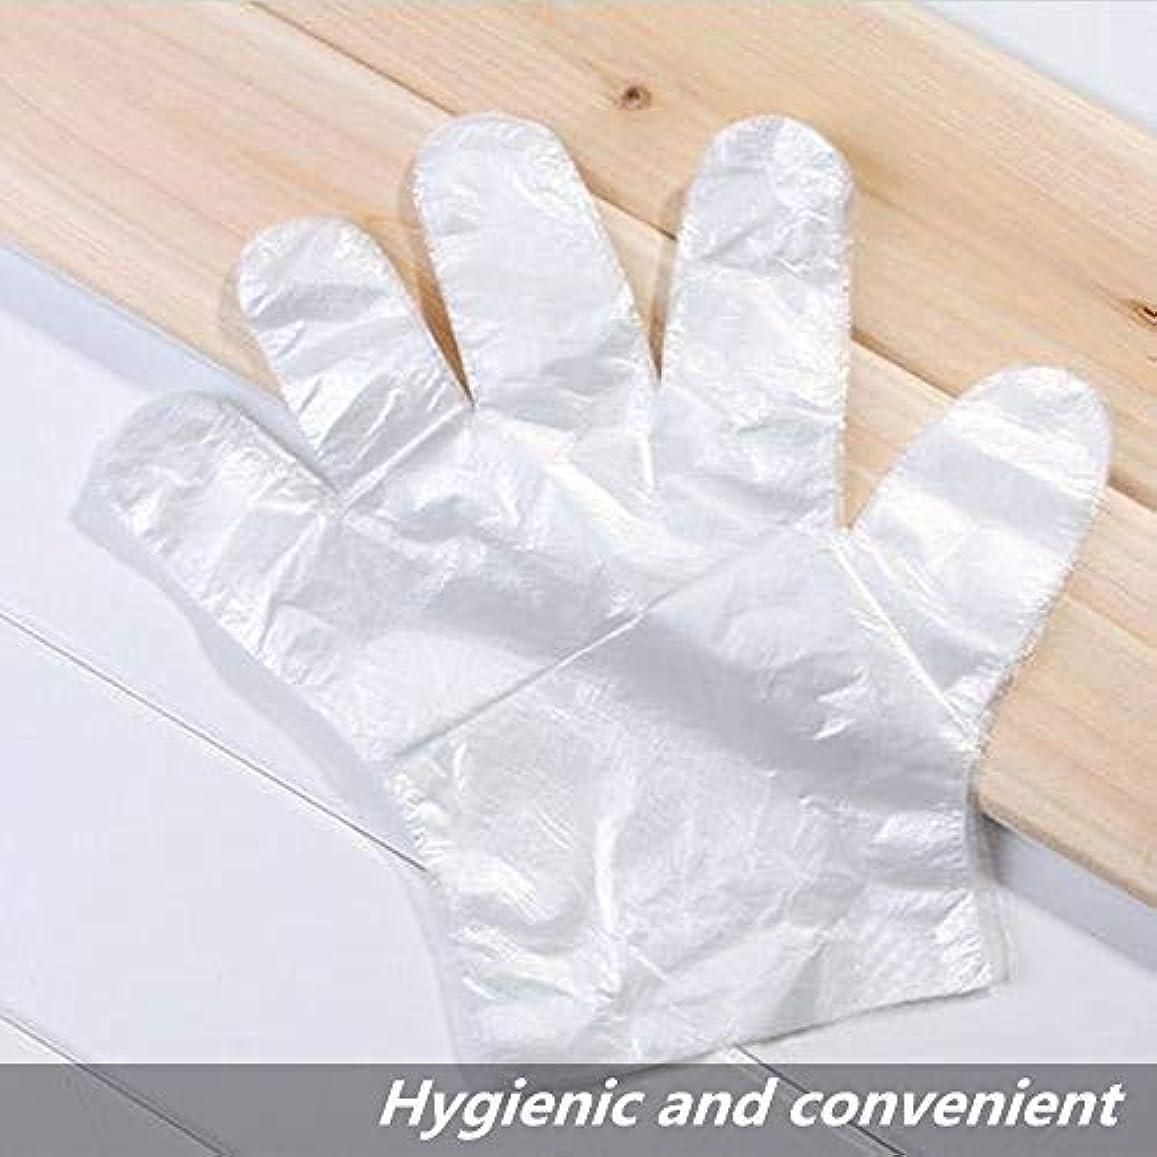 区ダンプ最大の使い捨て手袋 プラスチック製使い捨て手袋 超薄型多機能透明なプラスチック手袋調理、掃除、染色などに適しています 50または100個 (100)